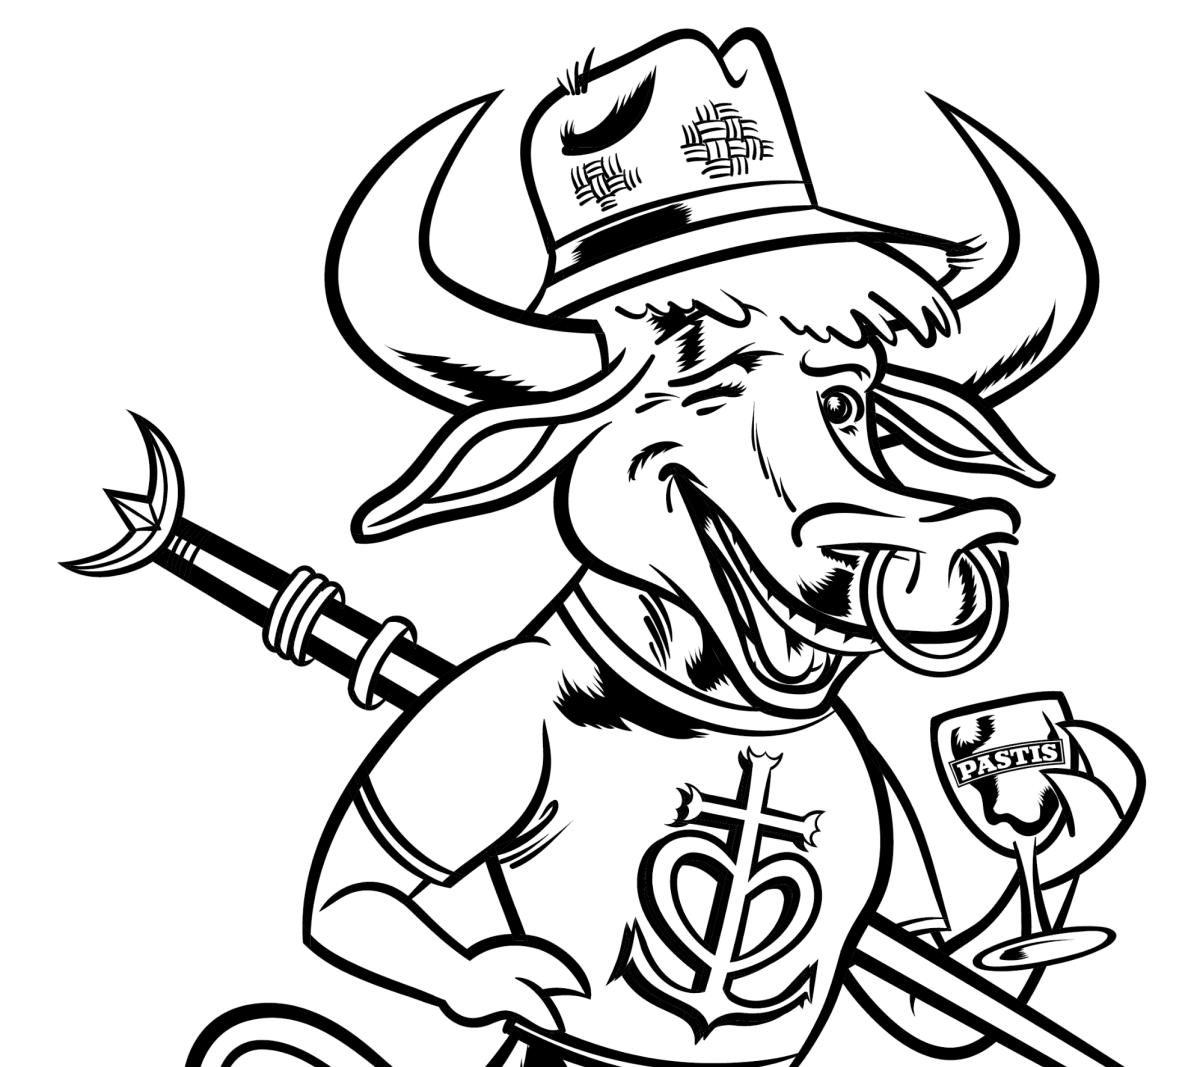 Dessin Taureau avec chapeau de paille et pastis pour des comités des fetes ou fetes votives